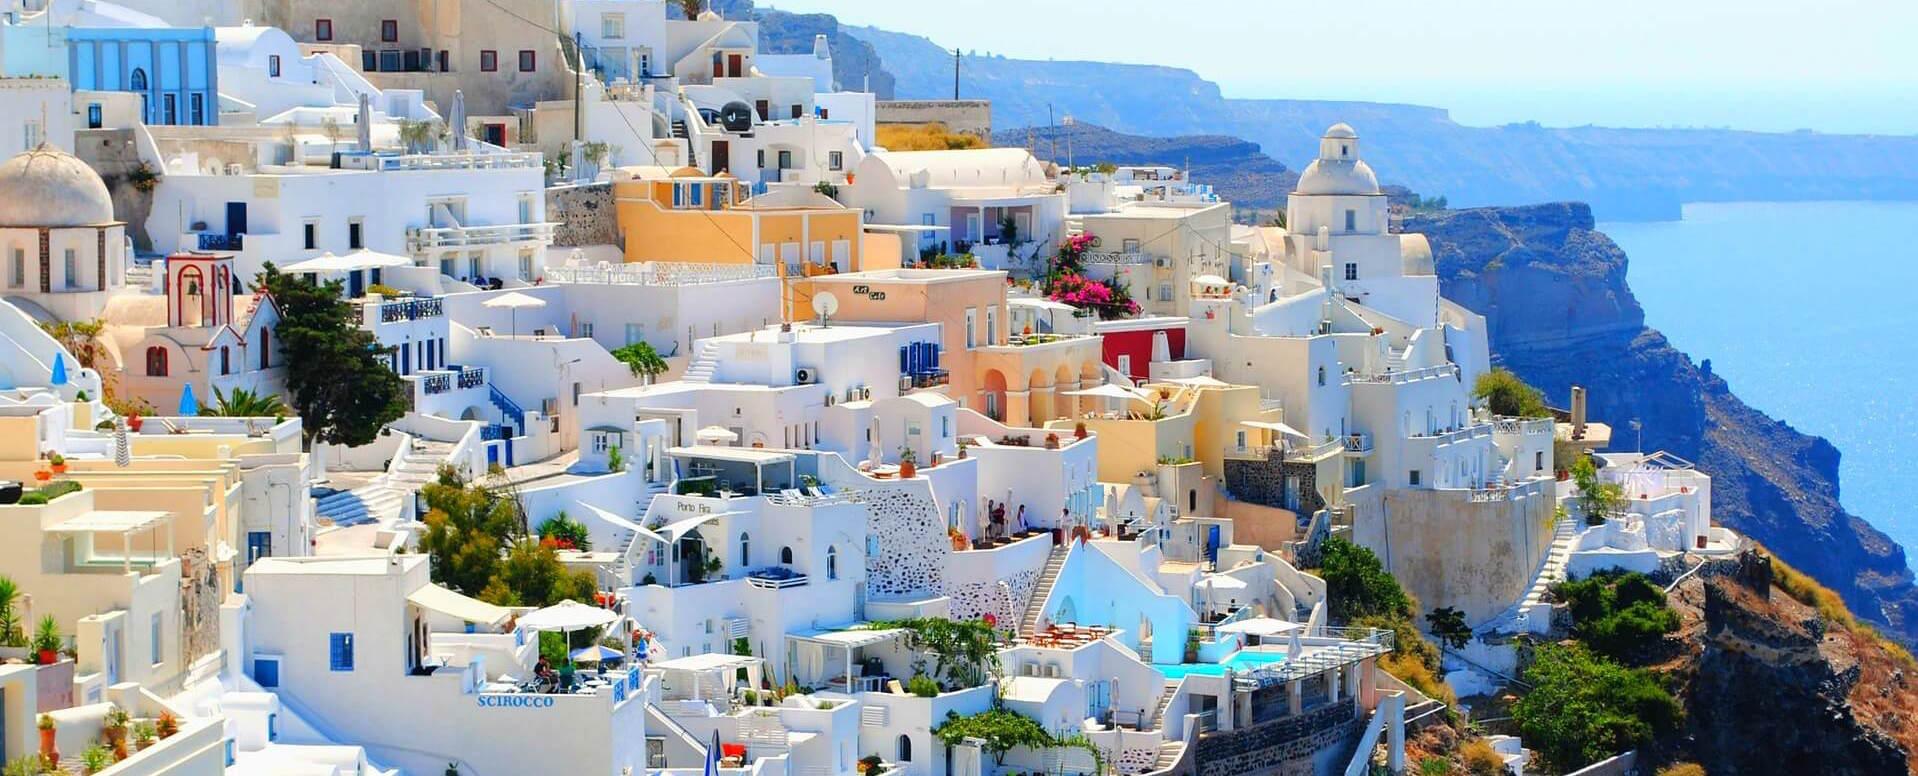 SANTORINI - Cyclades - Autres îles